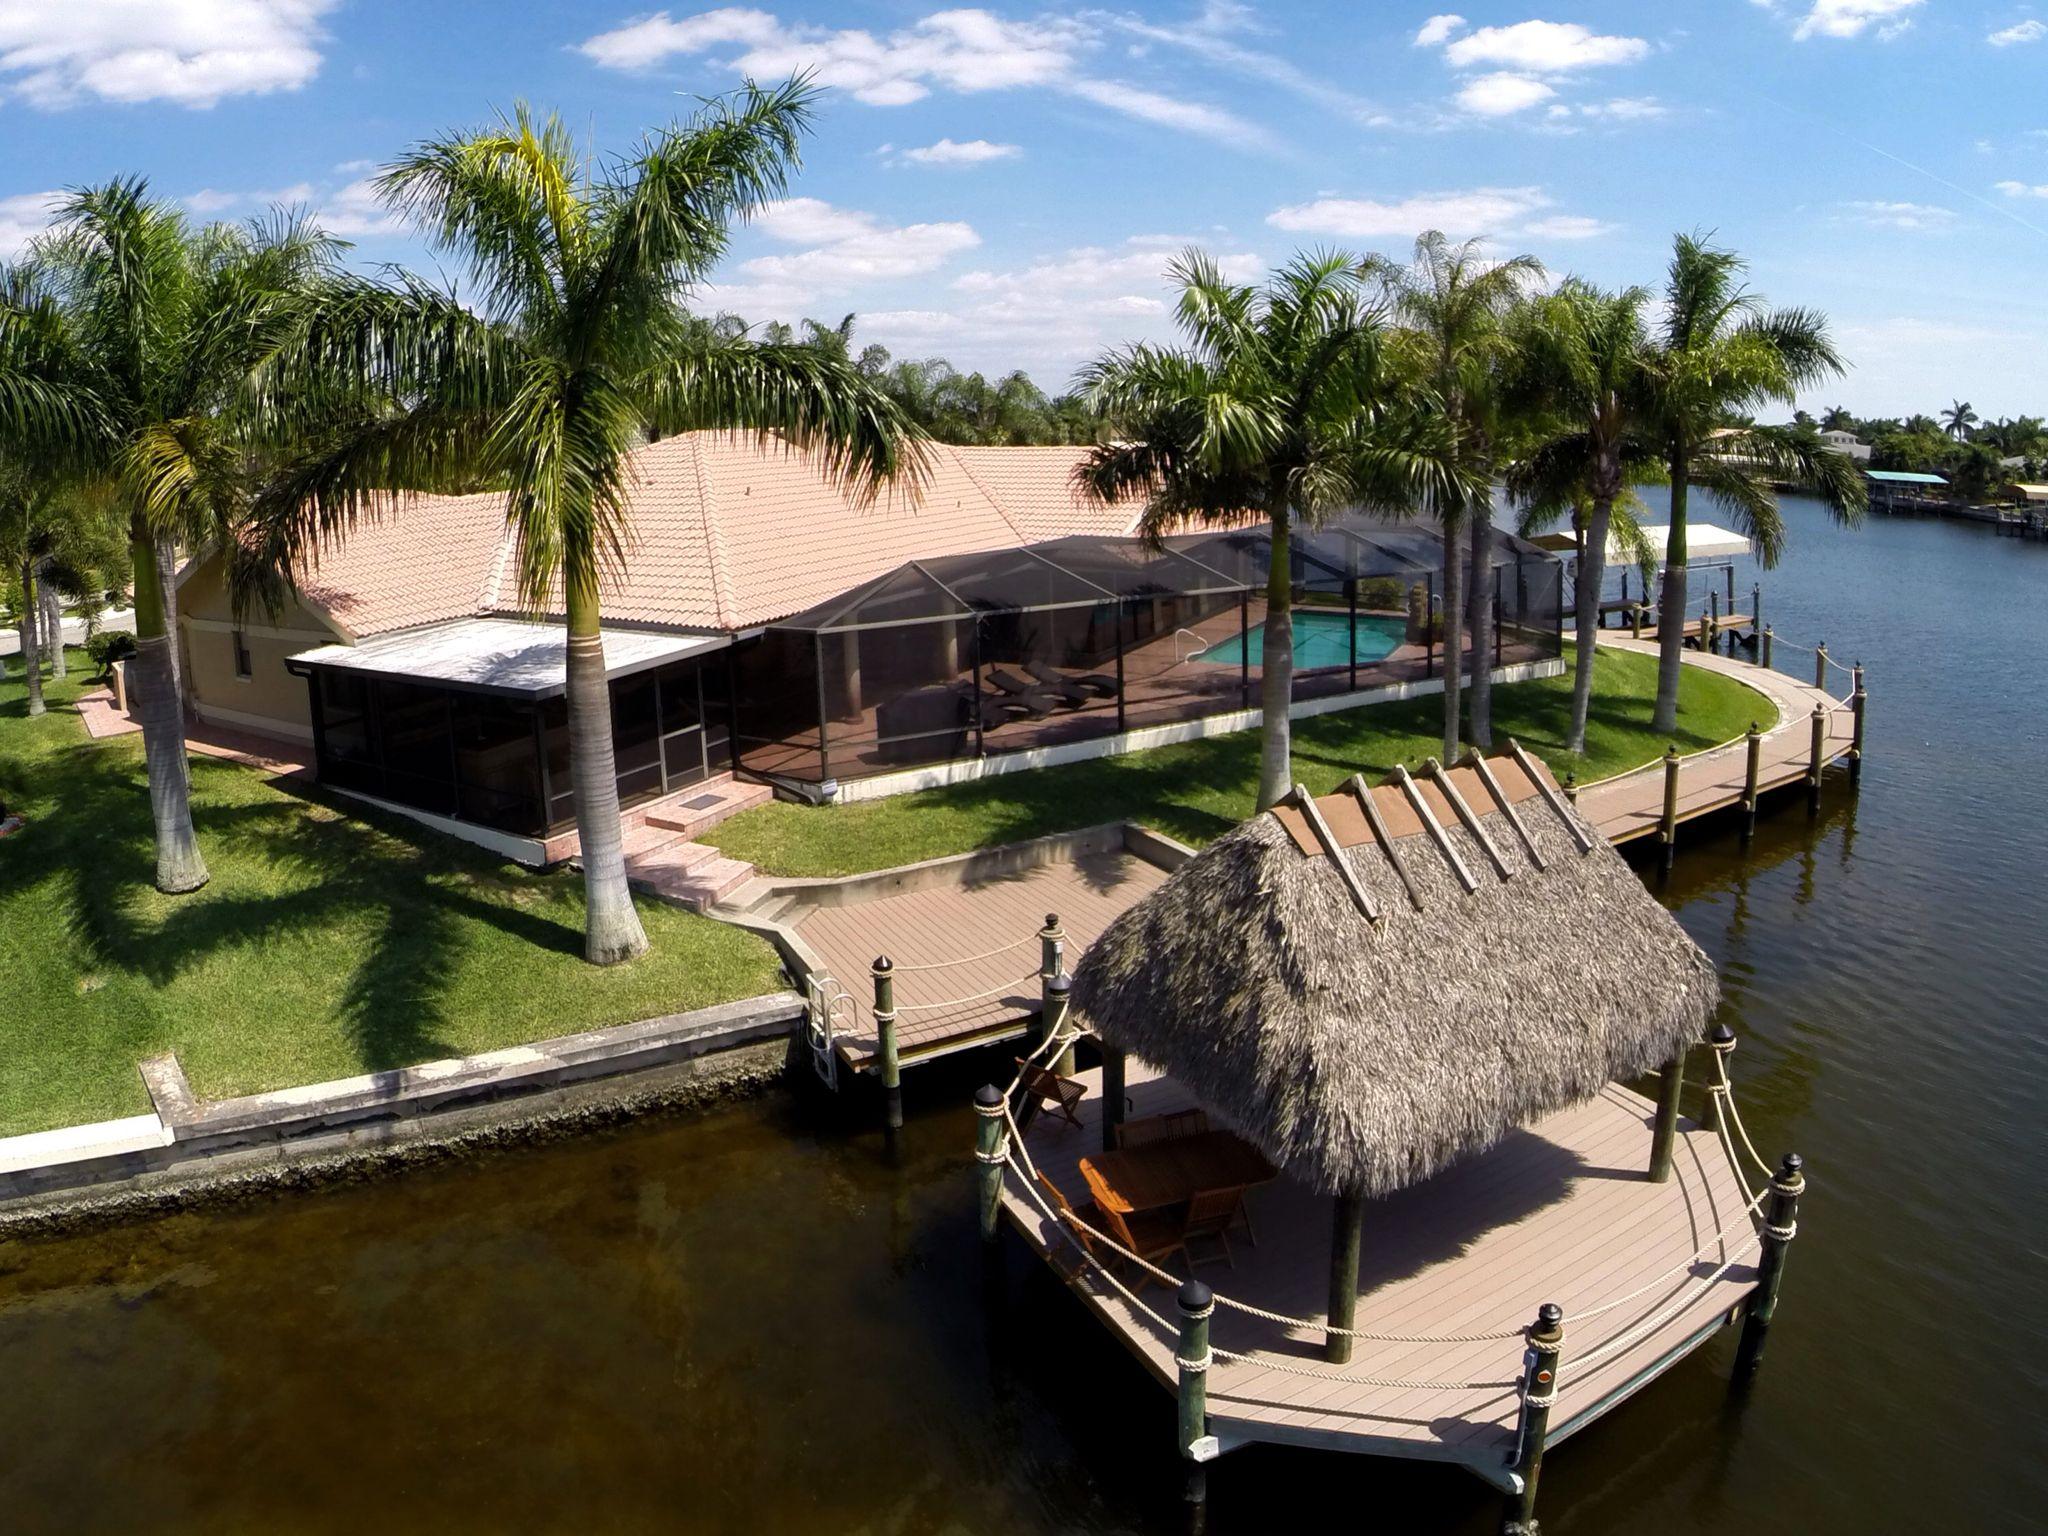 Villa Tiki Hut with palms (mit Bildern) Ferienhaus cape